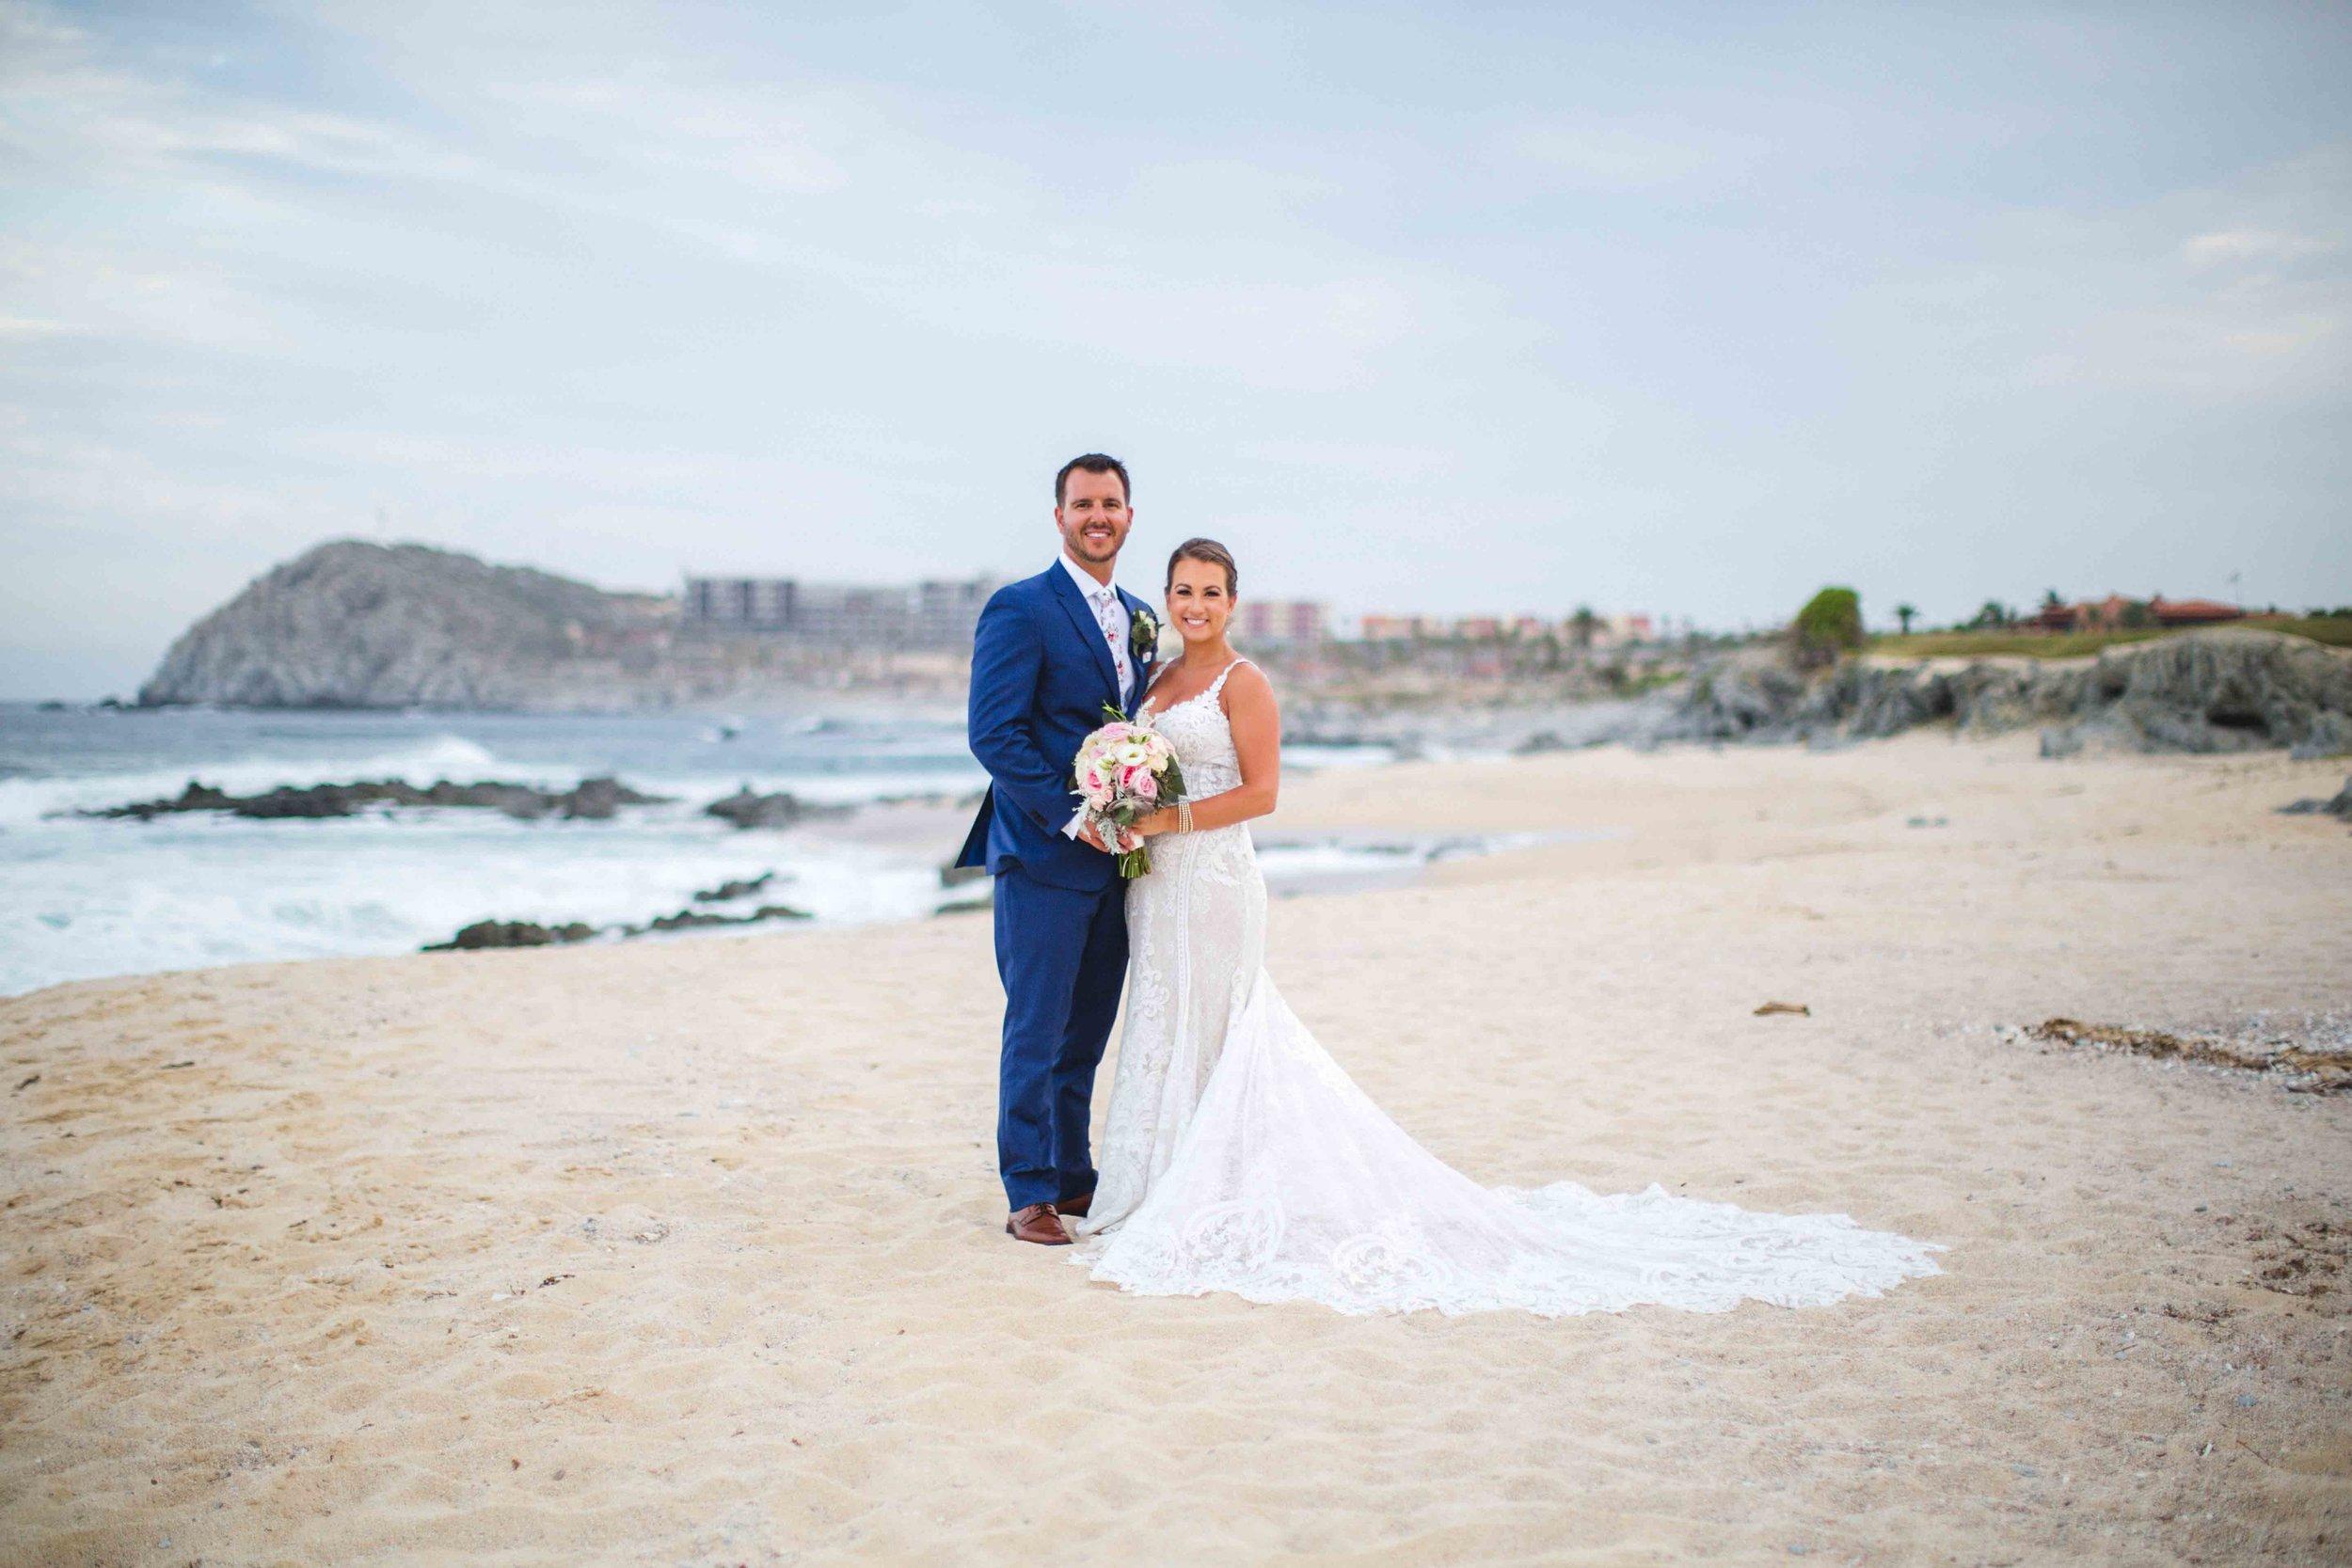 cabo-san-lucas-mexico-wedding-photographer-95.jpg